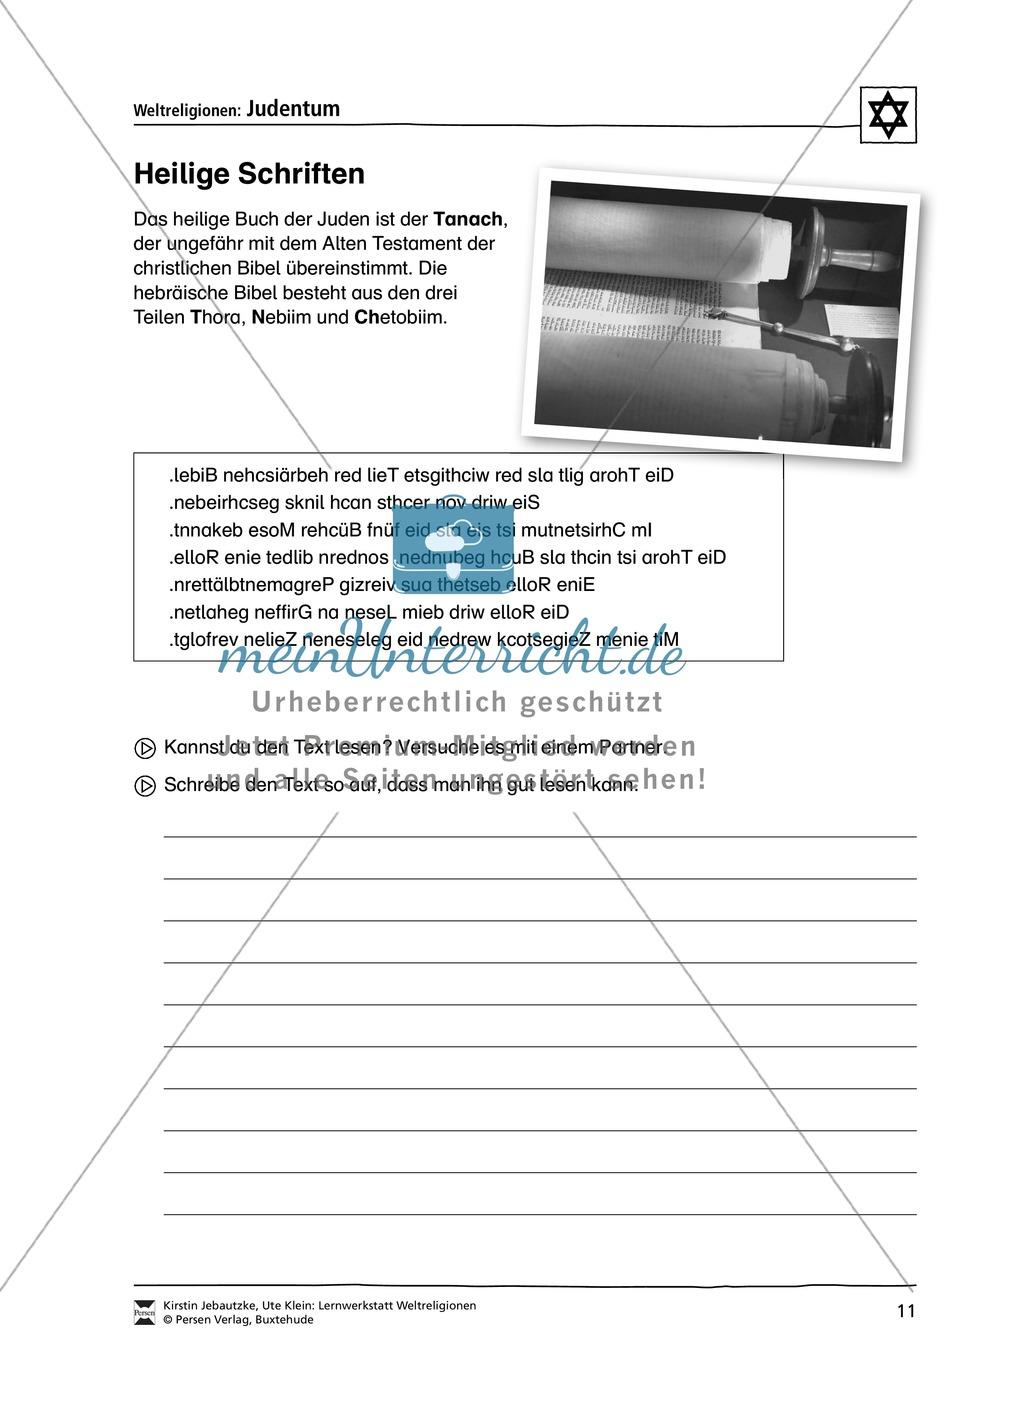 Unterrichtsmaterial zum Judentum - mit Infomaterial zu Gottheit, Schrift, Synagogen, Feiertagen uvm. Preview 3